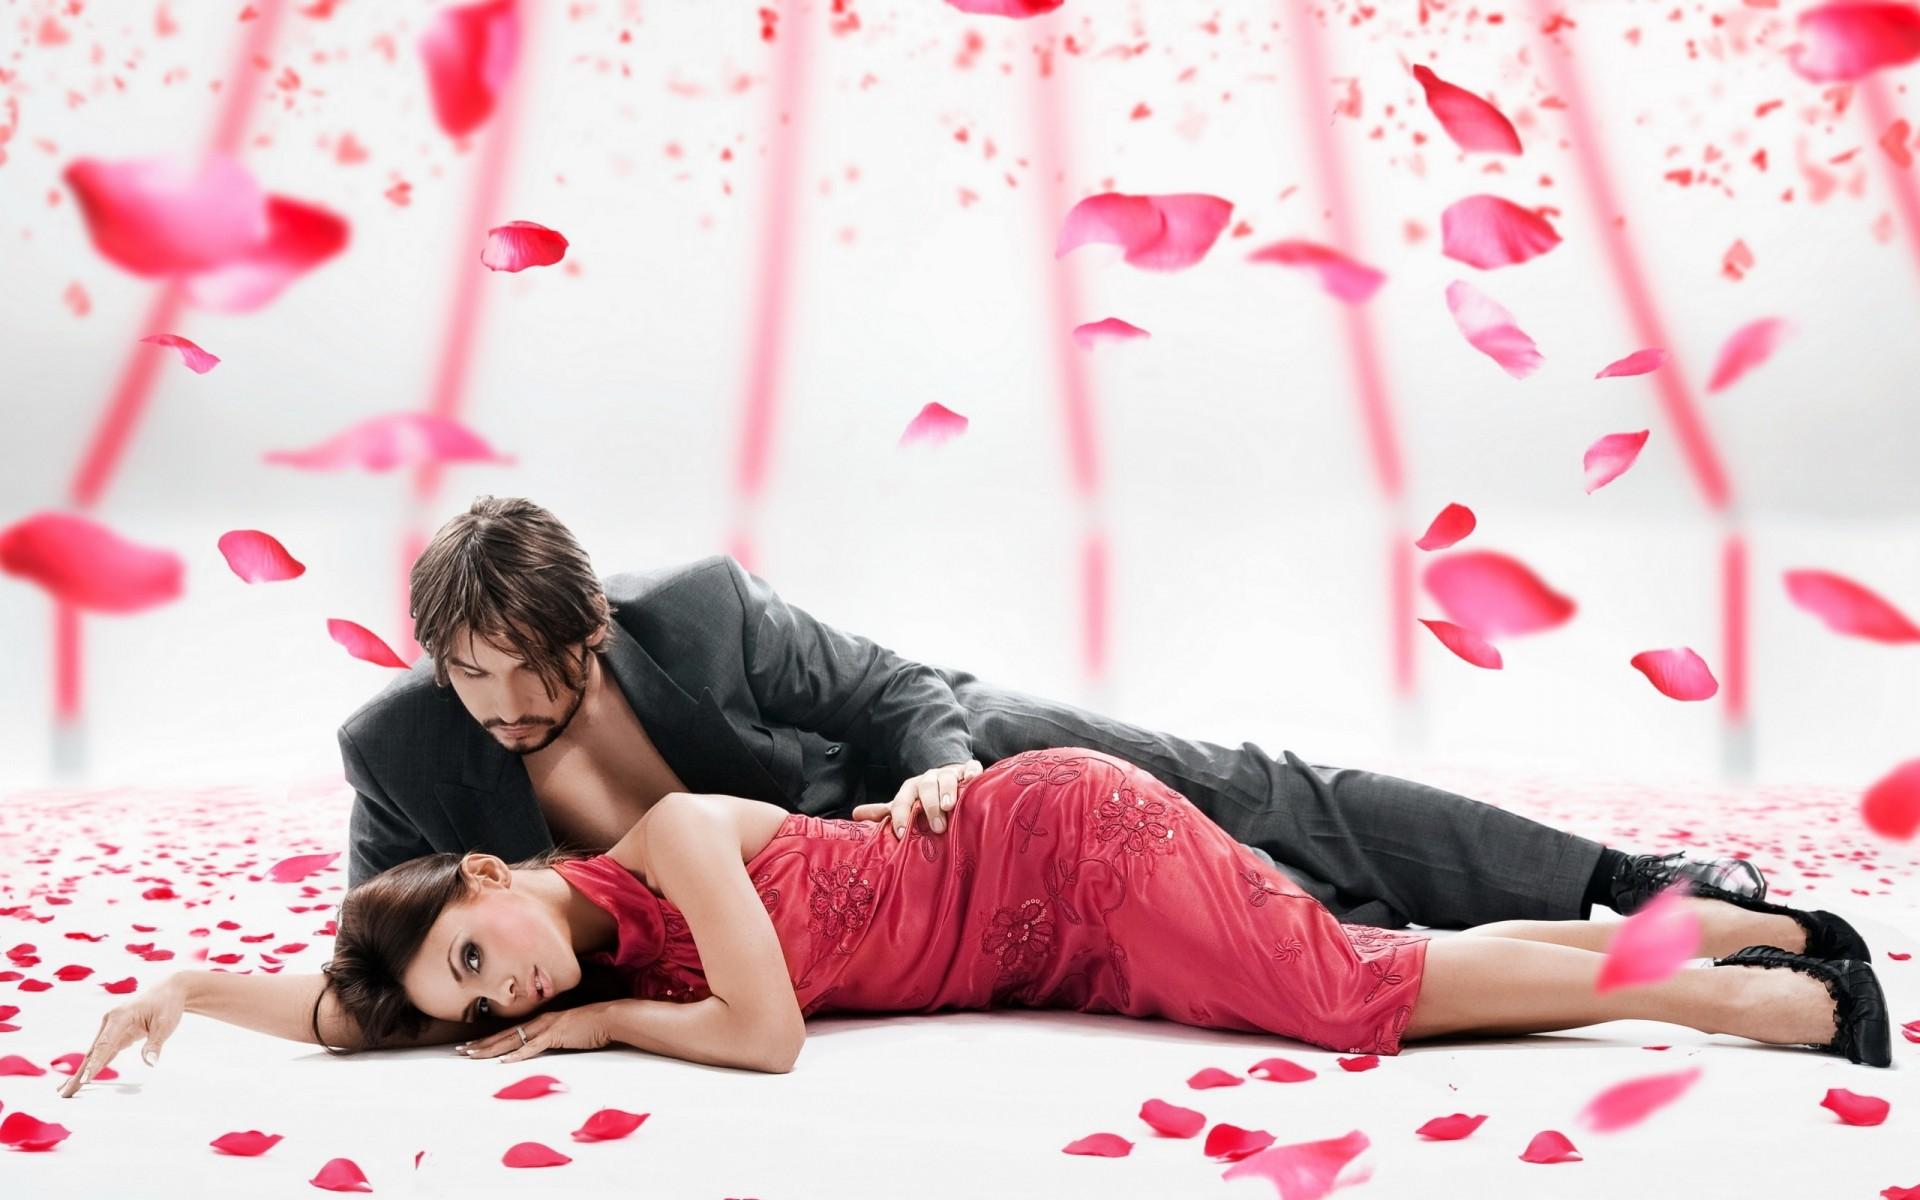 Романтические красивые картинки